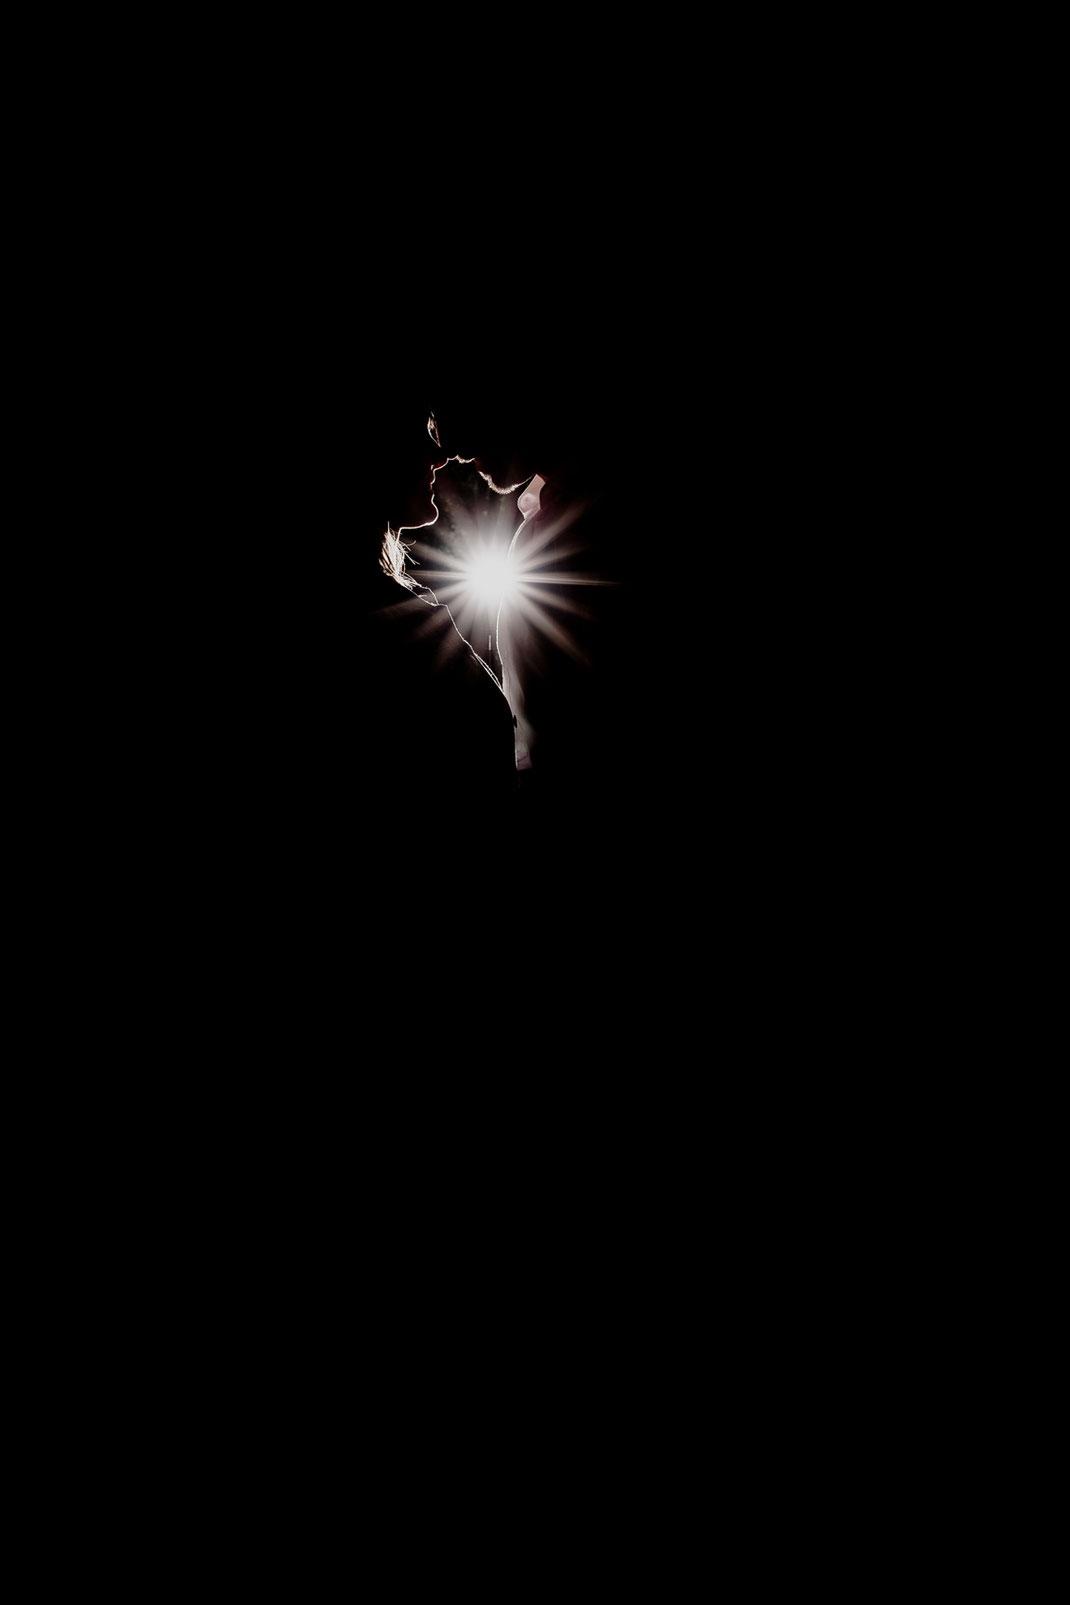 hochzeitsfotografin aus harsefeld für hamburg zeven bremen niedersachsen .. geblitzt schwarz weiß black and white mit gegenlicht stars star schatten und spaß beim shooting in kuhmühlen bei der klostermühle